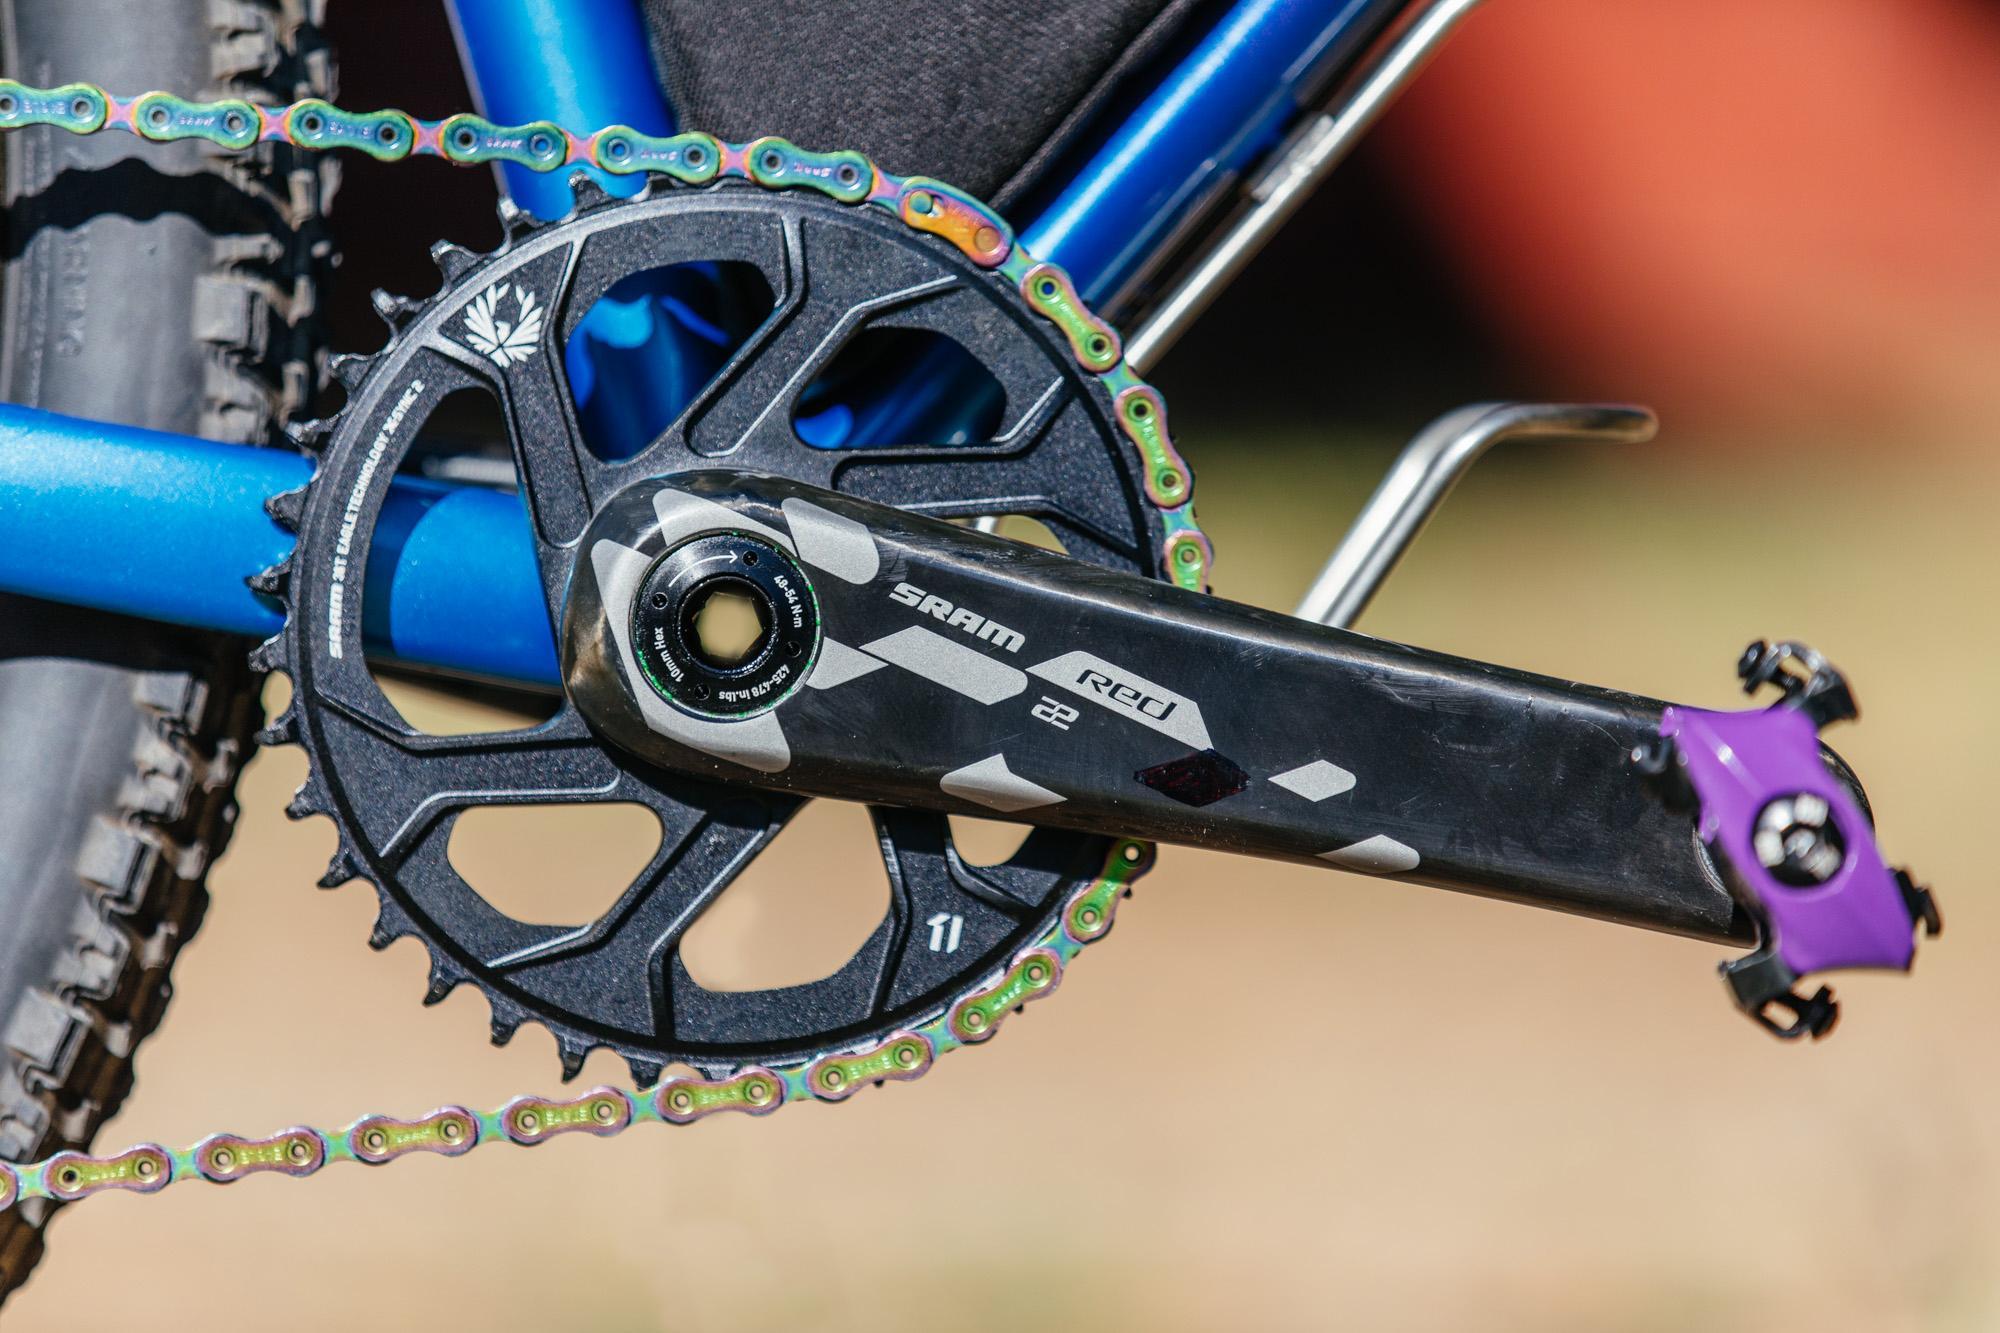 2019 Grinduro Btchn Gravel Bike